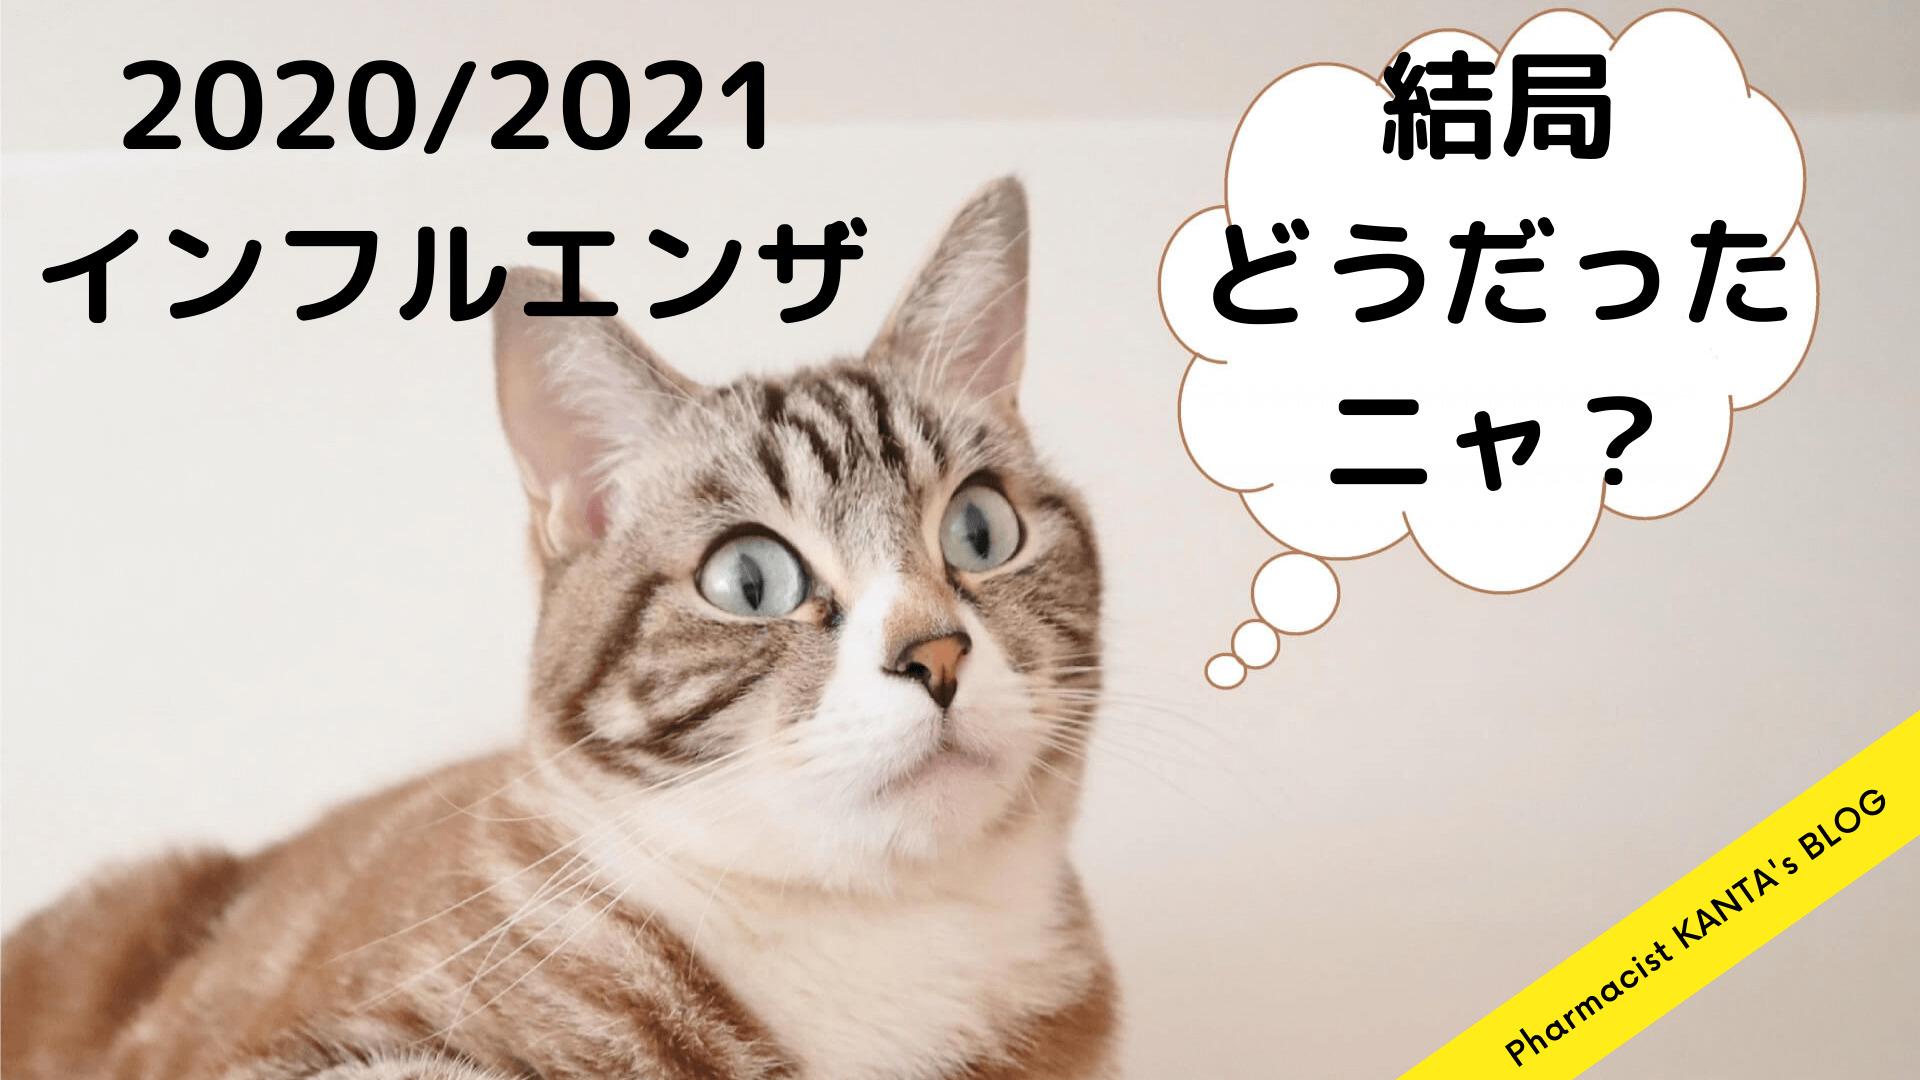 インフルエンザ2020/2021シーズンはどうだった